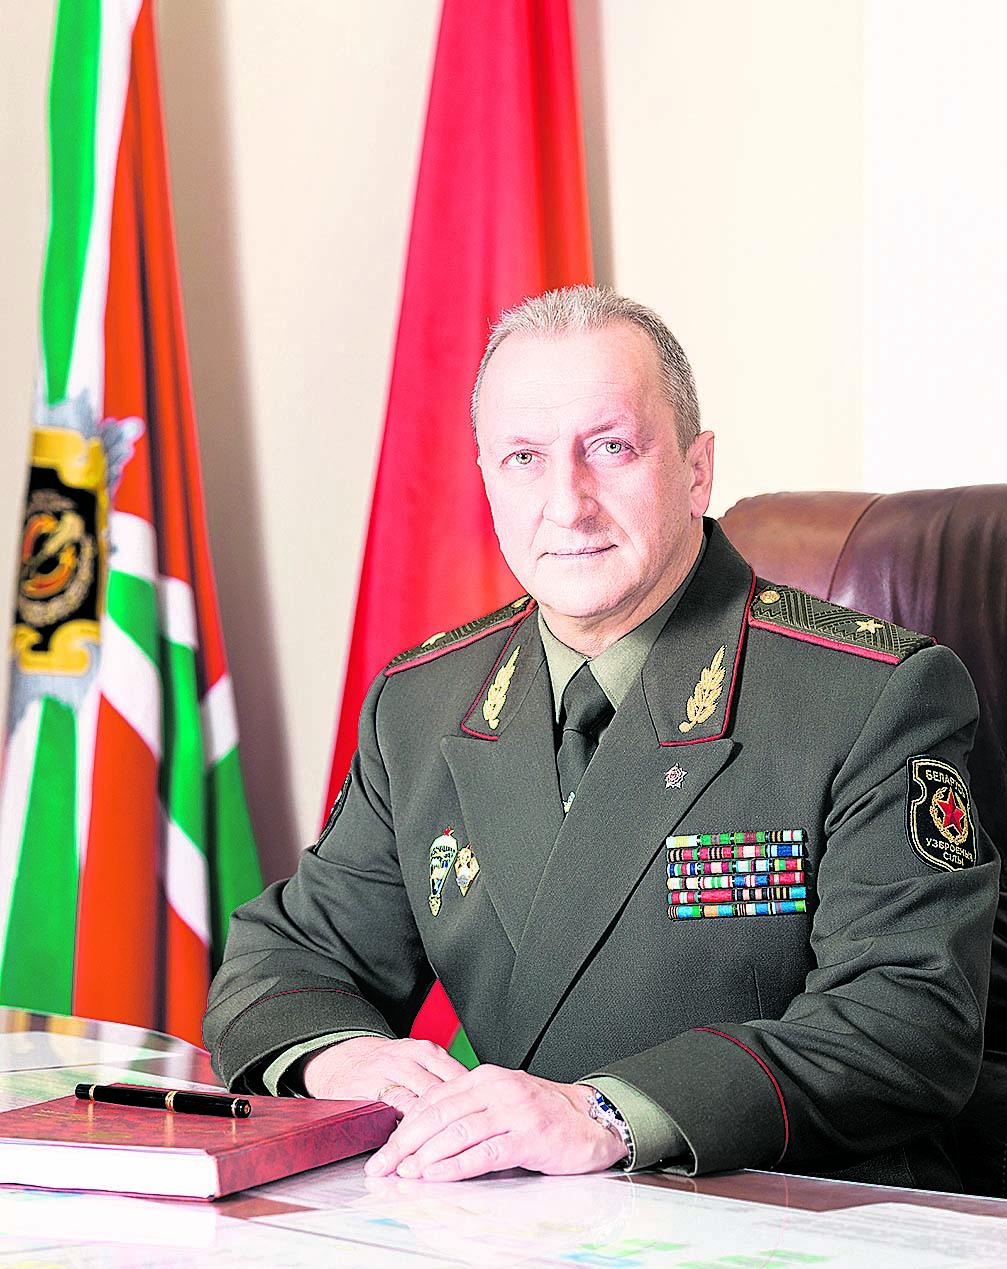 Начальник Генерального штаба Вооруженных Сил—первый заместитель министра обороны Республики Беларусь генерал-майор О.А.Белоконев